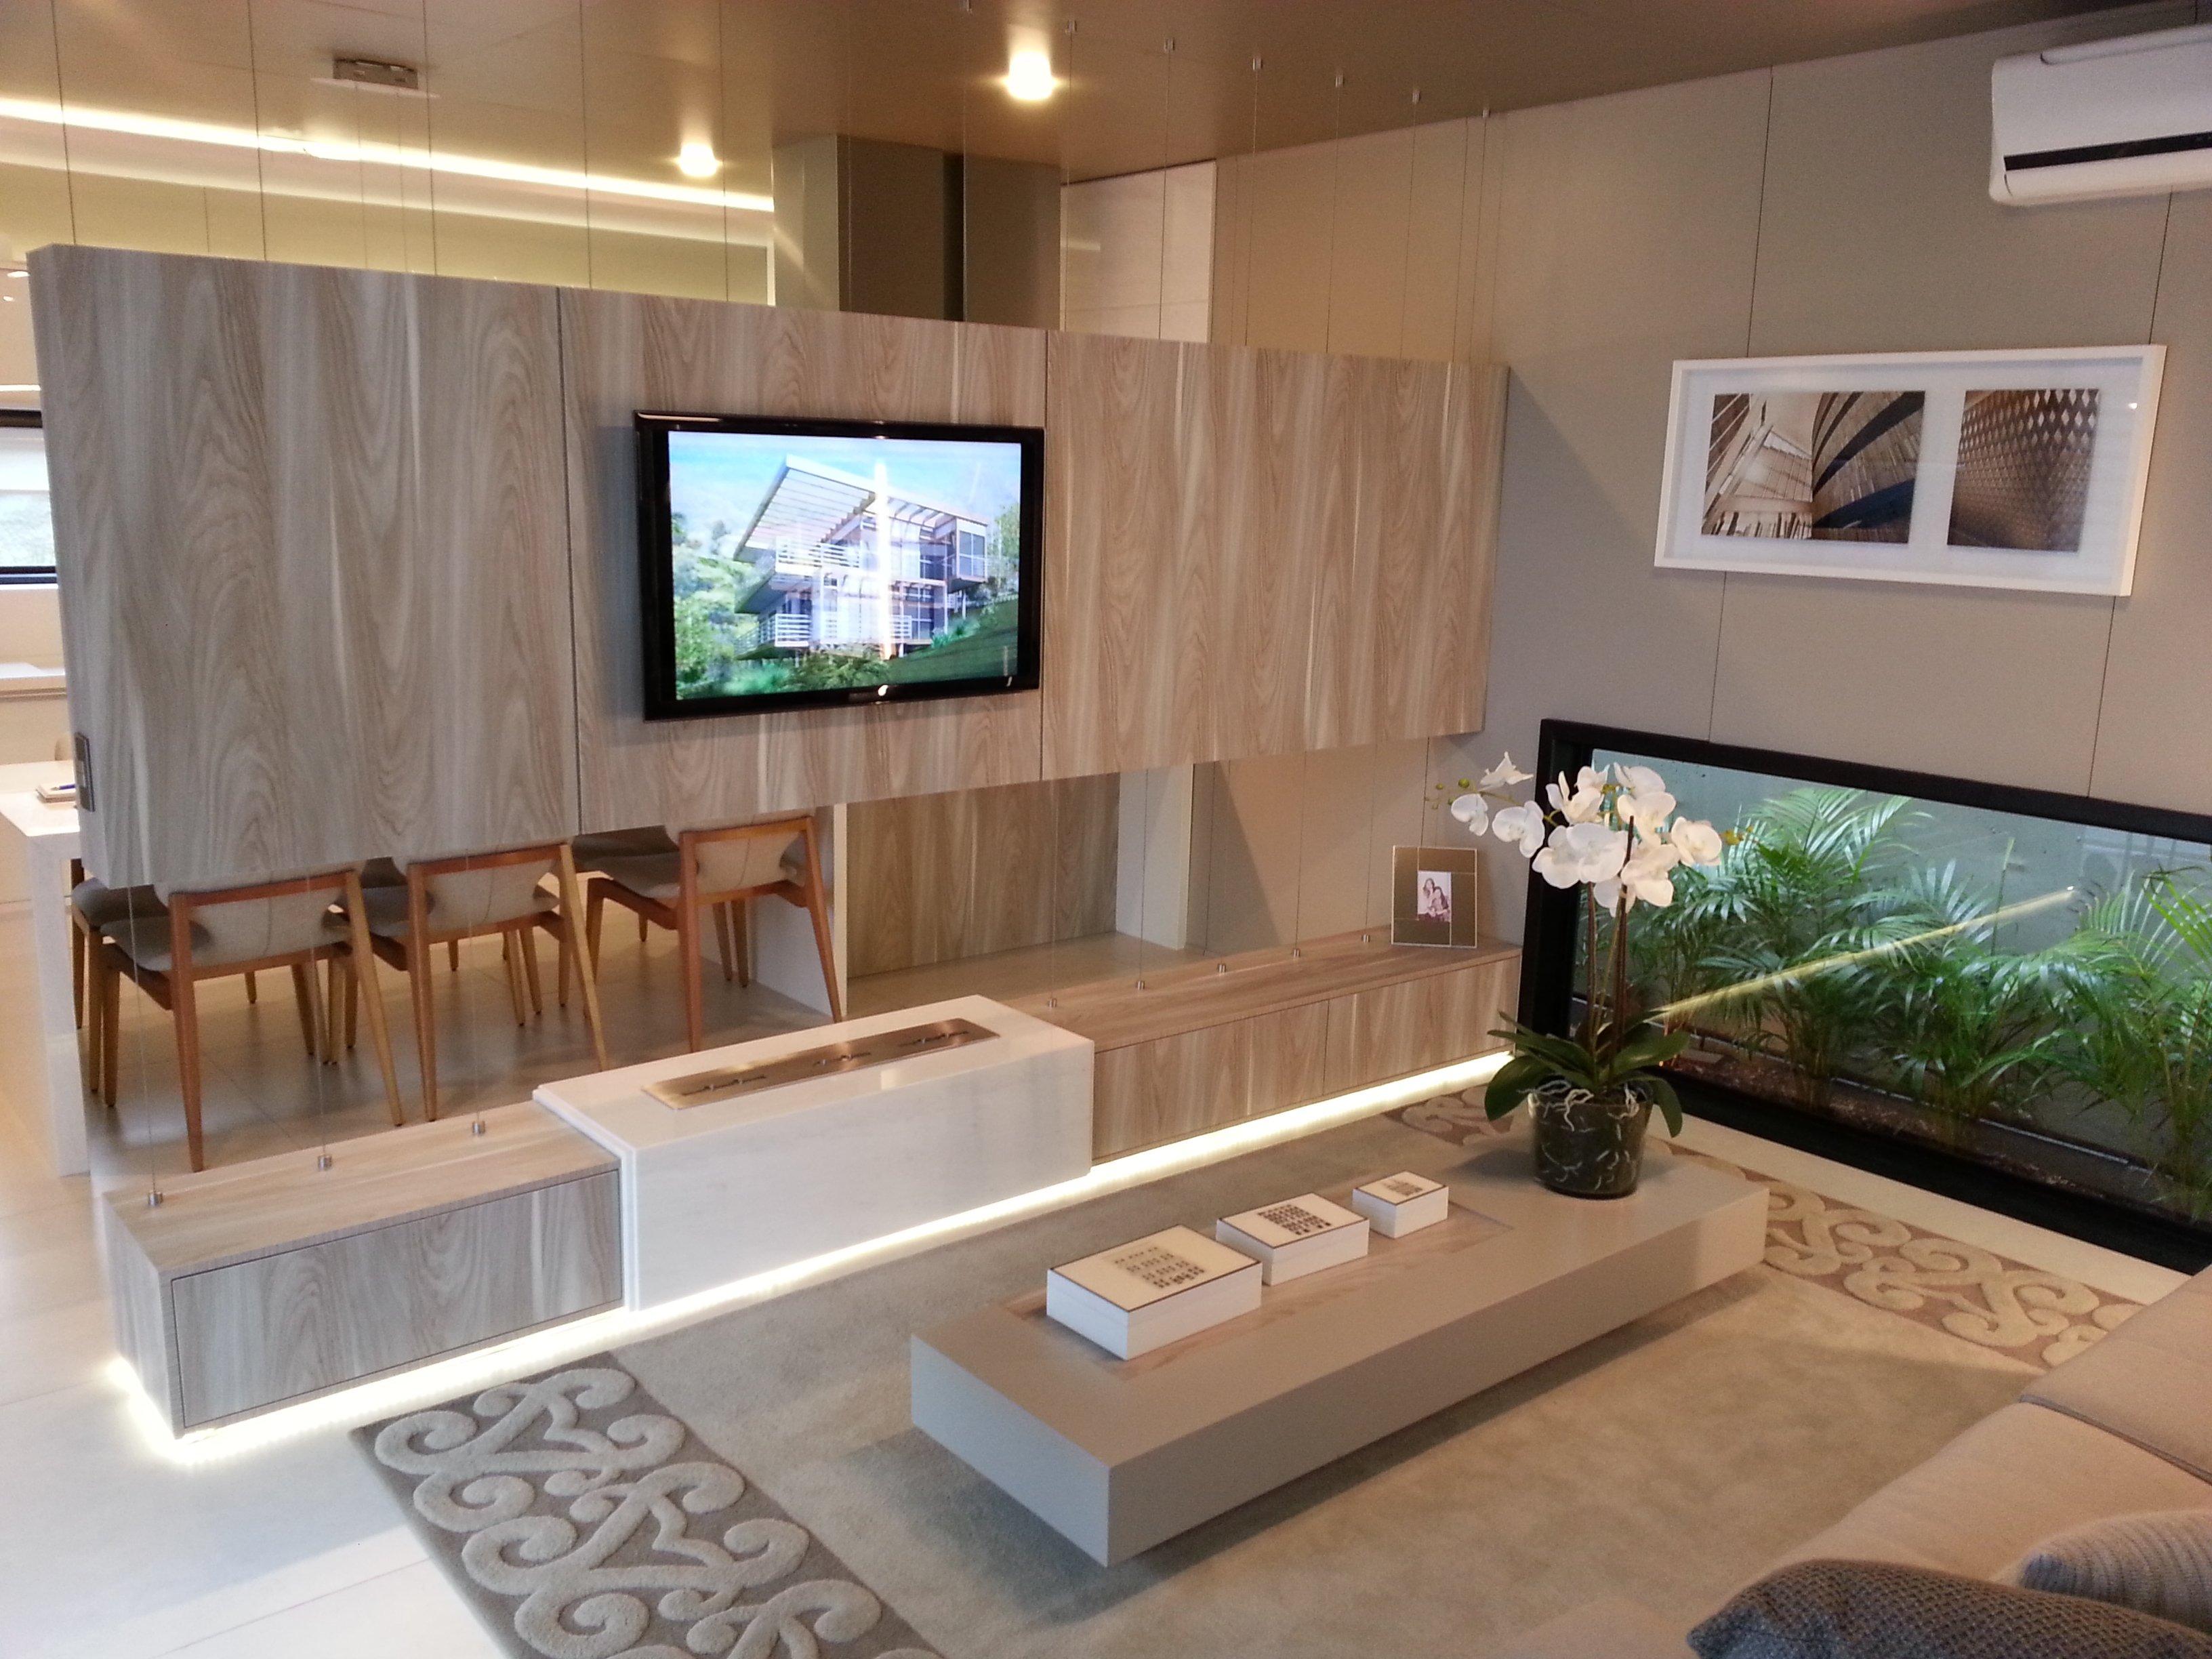 #674833 Decoração de apartamentos pequenos sala de tv 3264x2448 píxeis em Decoracao De Sala Pequena Apto